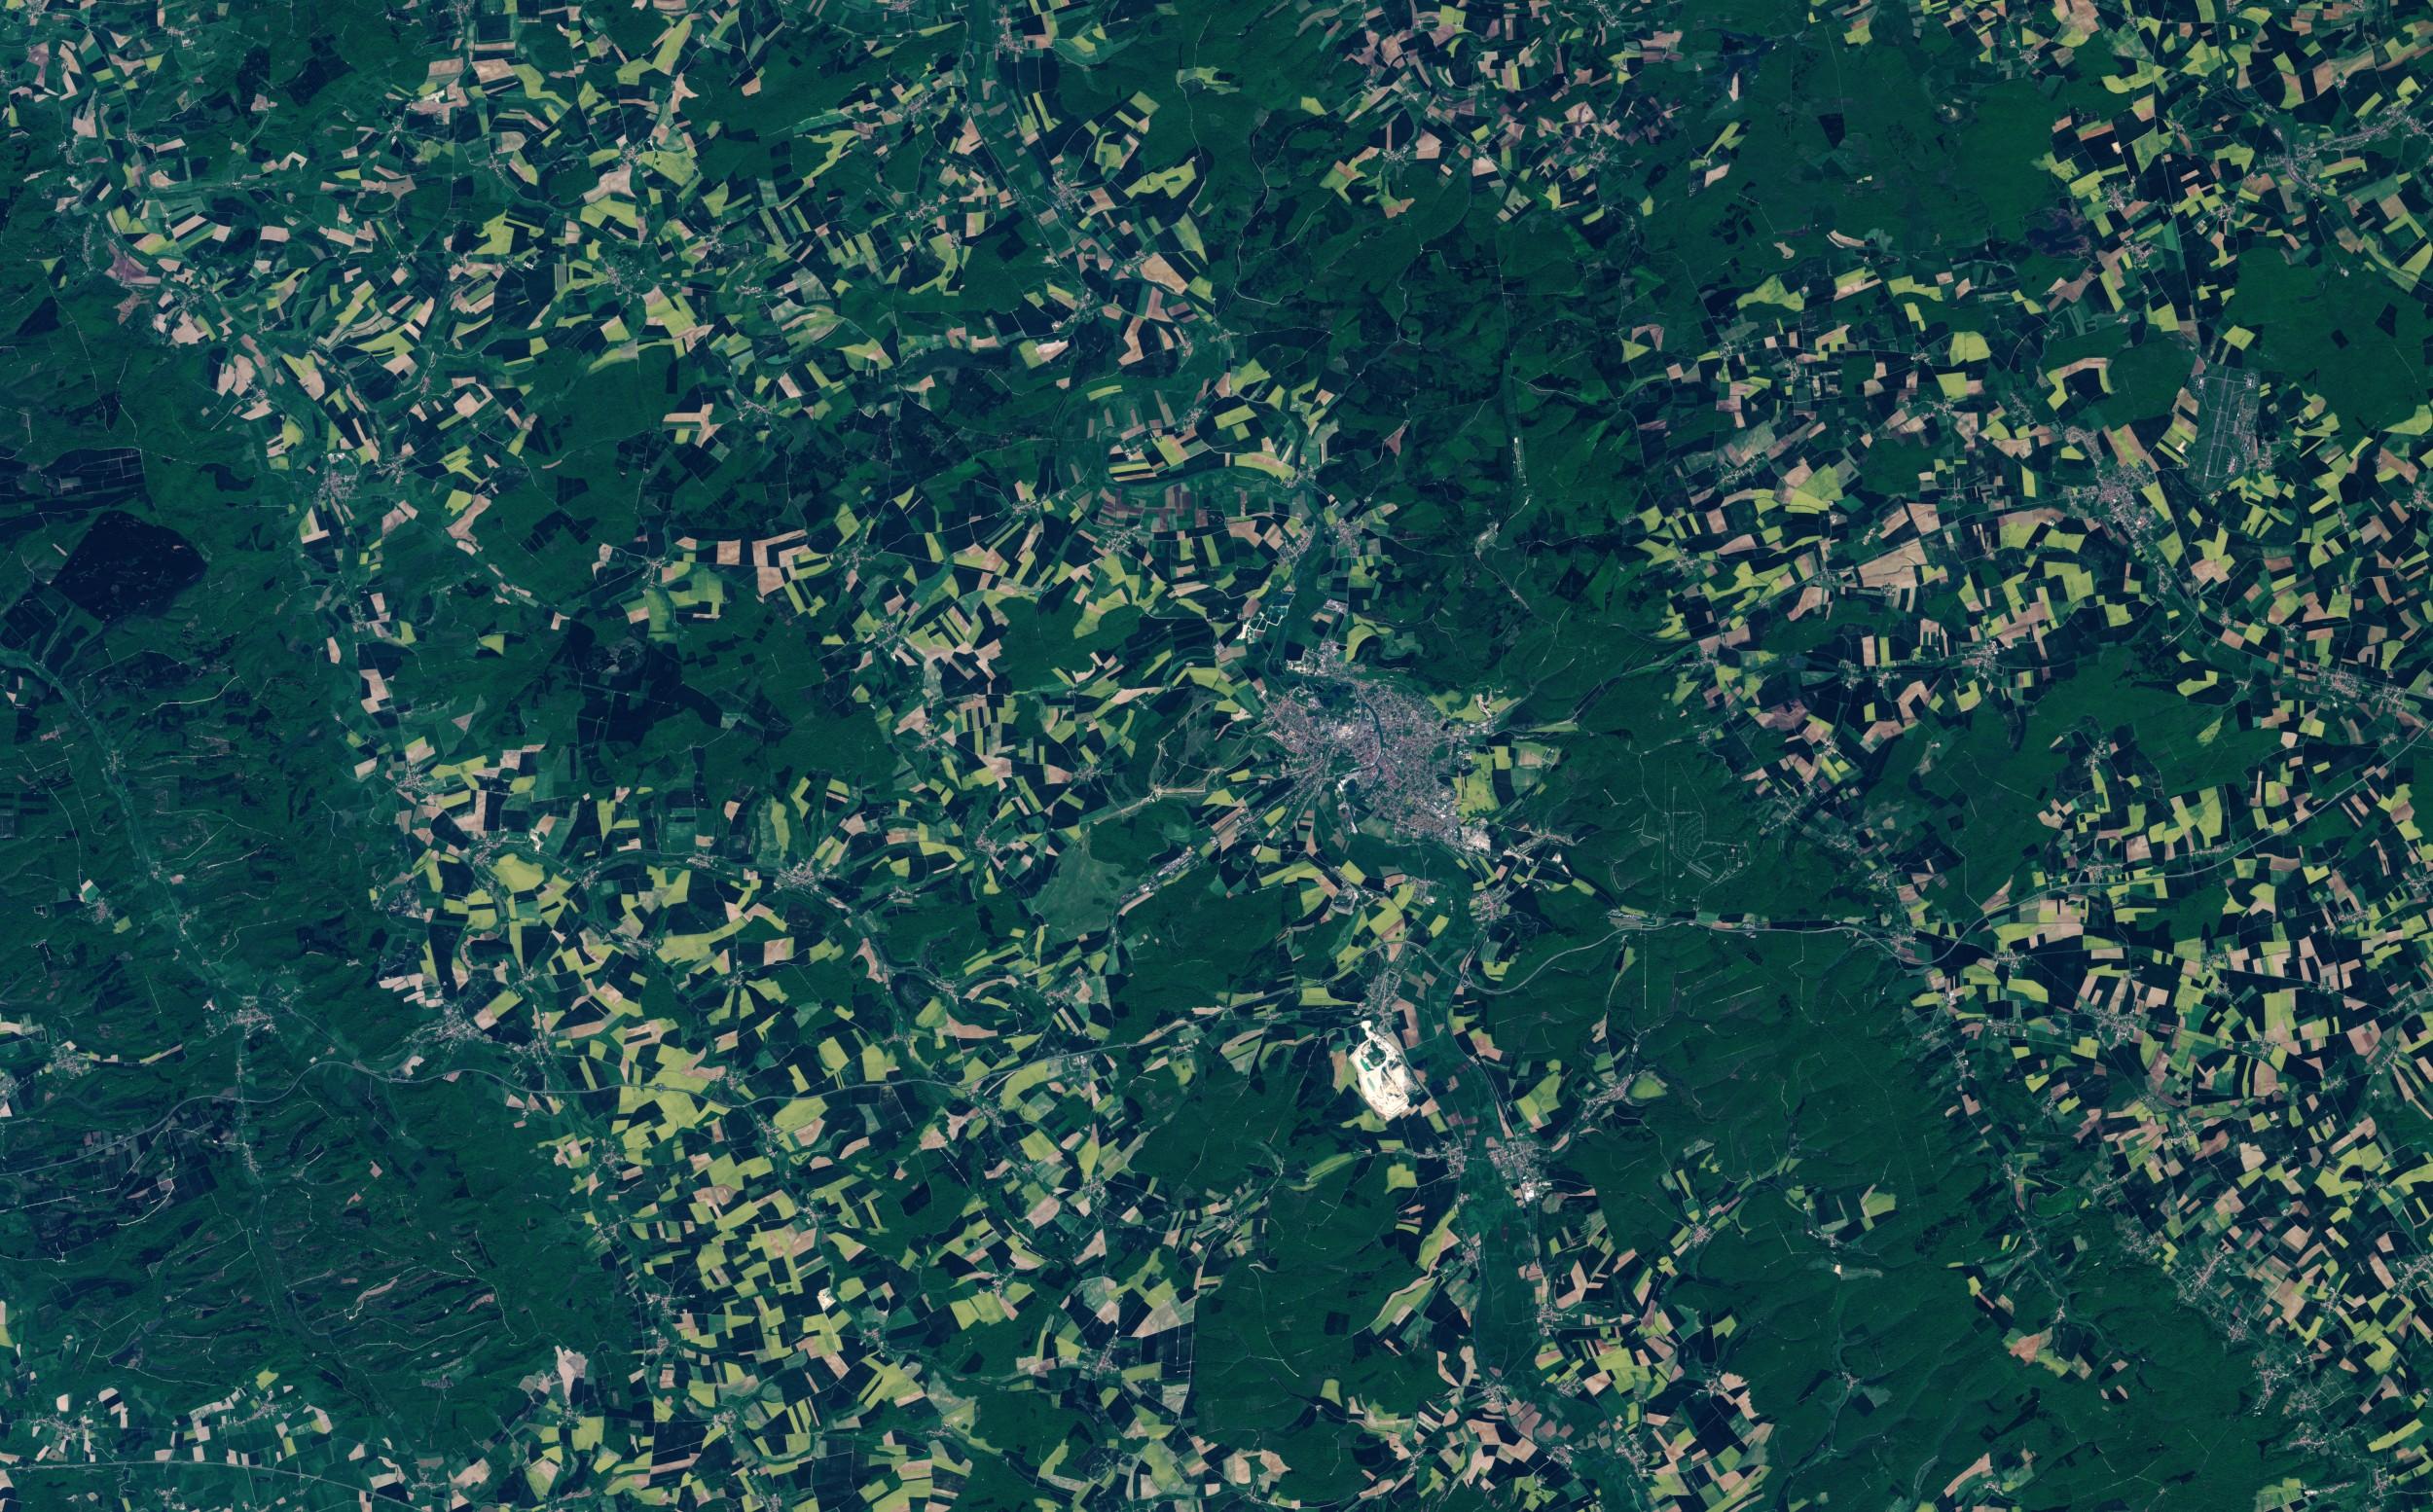 Verdun - Mai 2016 - Forêt de Verdun - Champ de bataillle - Obus - Douaumont - Munitions - Satellite Sentinel-2A - Meuse - ESA